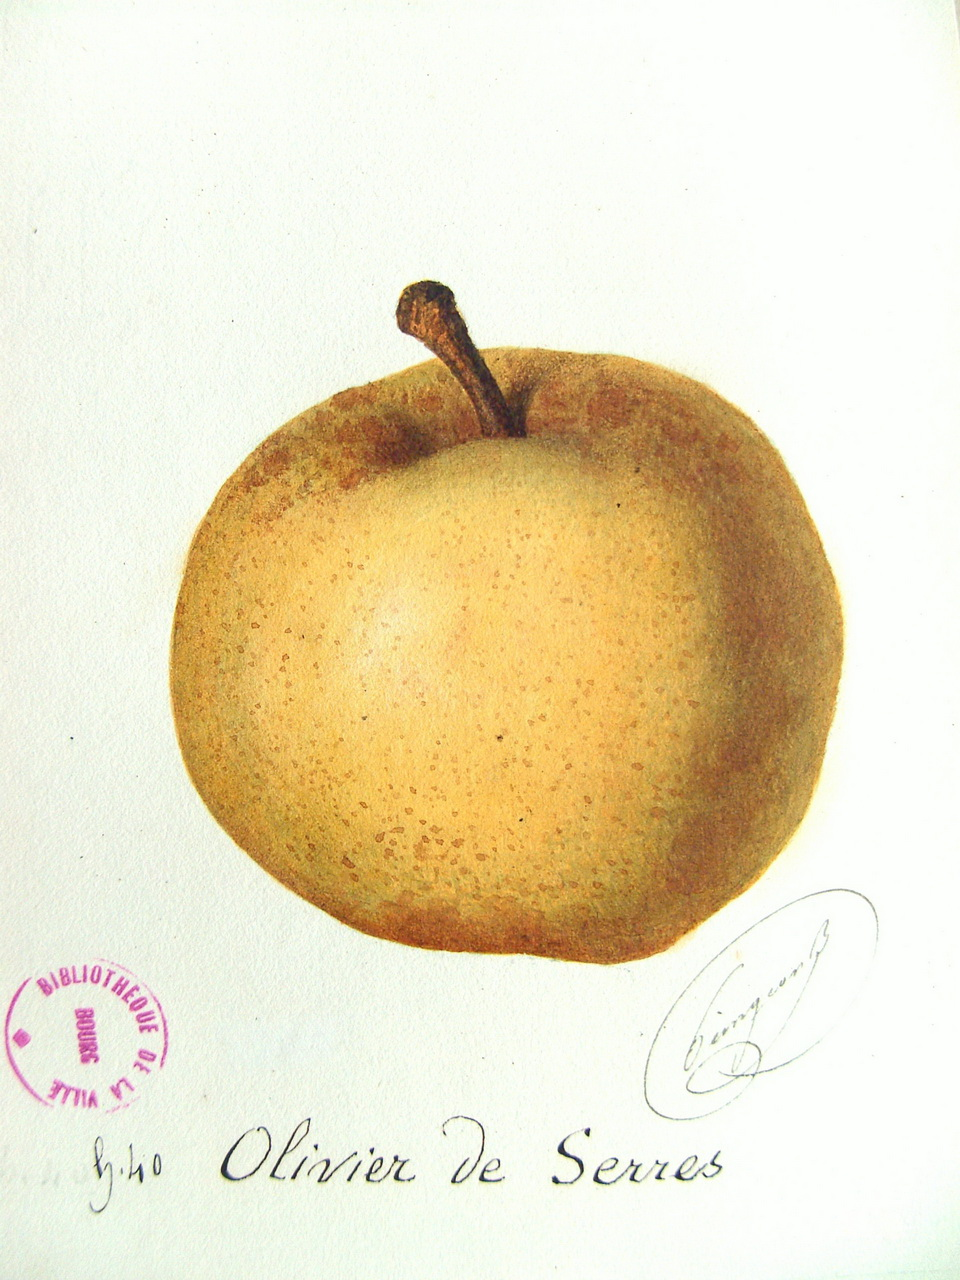 guide des poires guide of pears olivier de serres. Black Bedroom Furniture Sets. Home Design Ideas